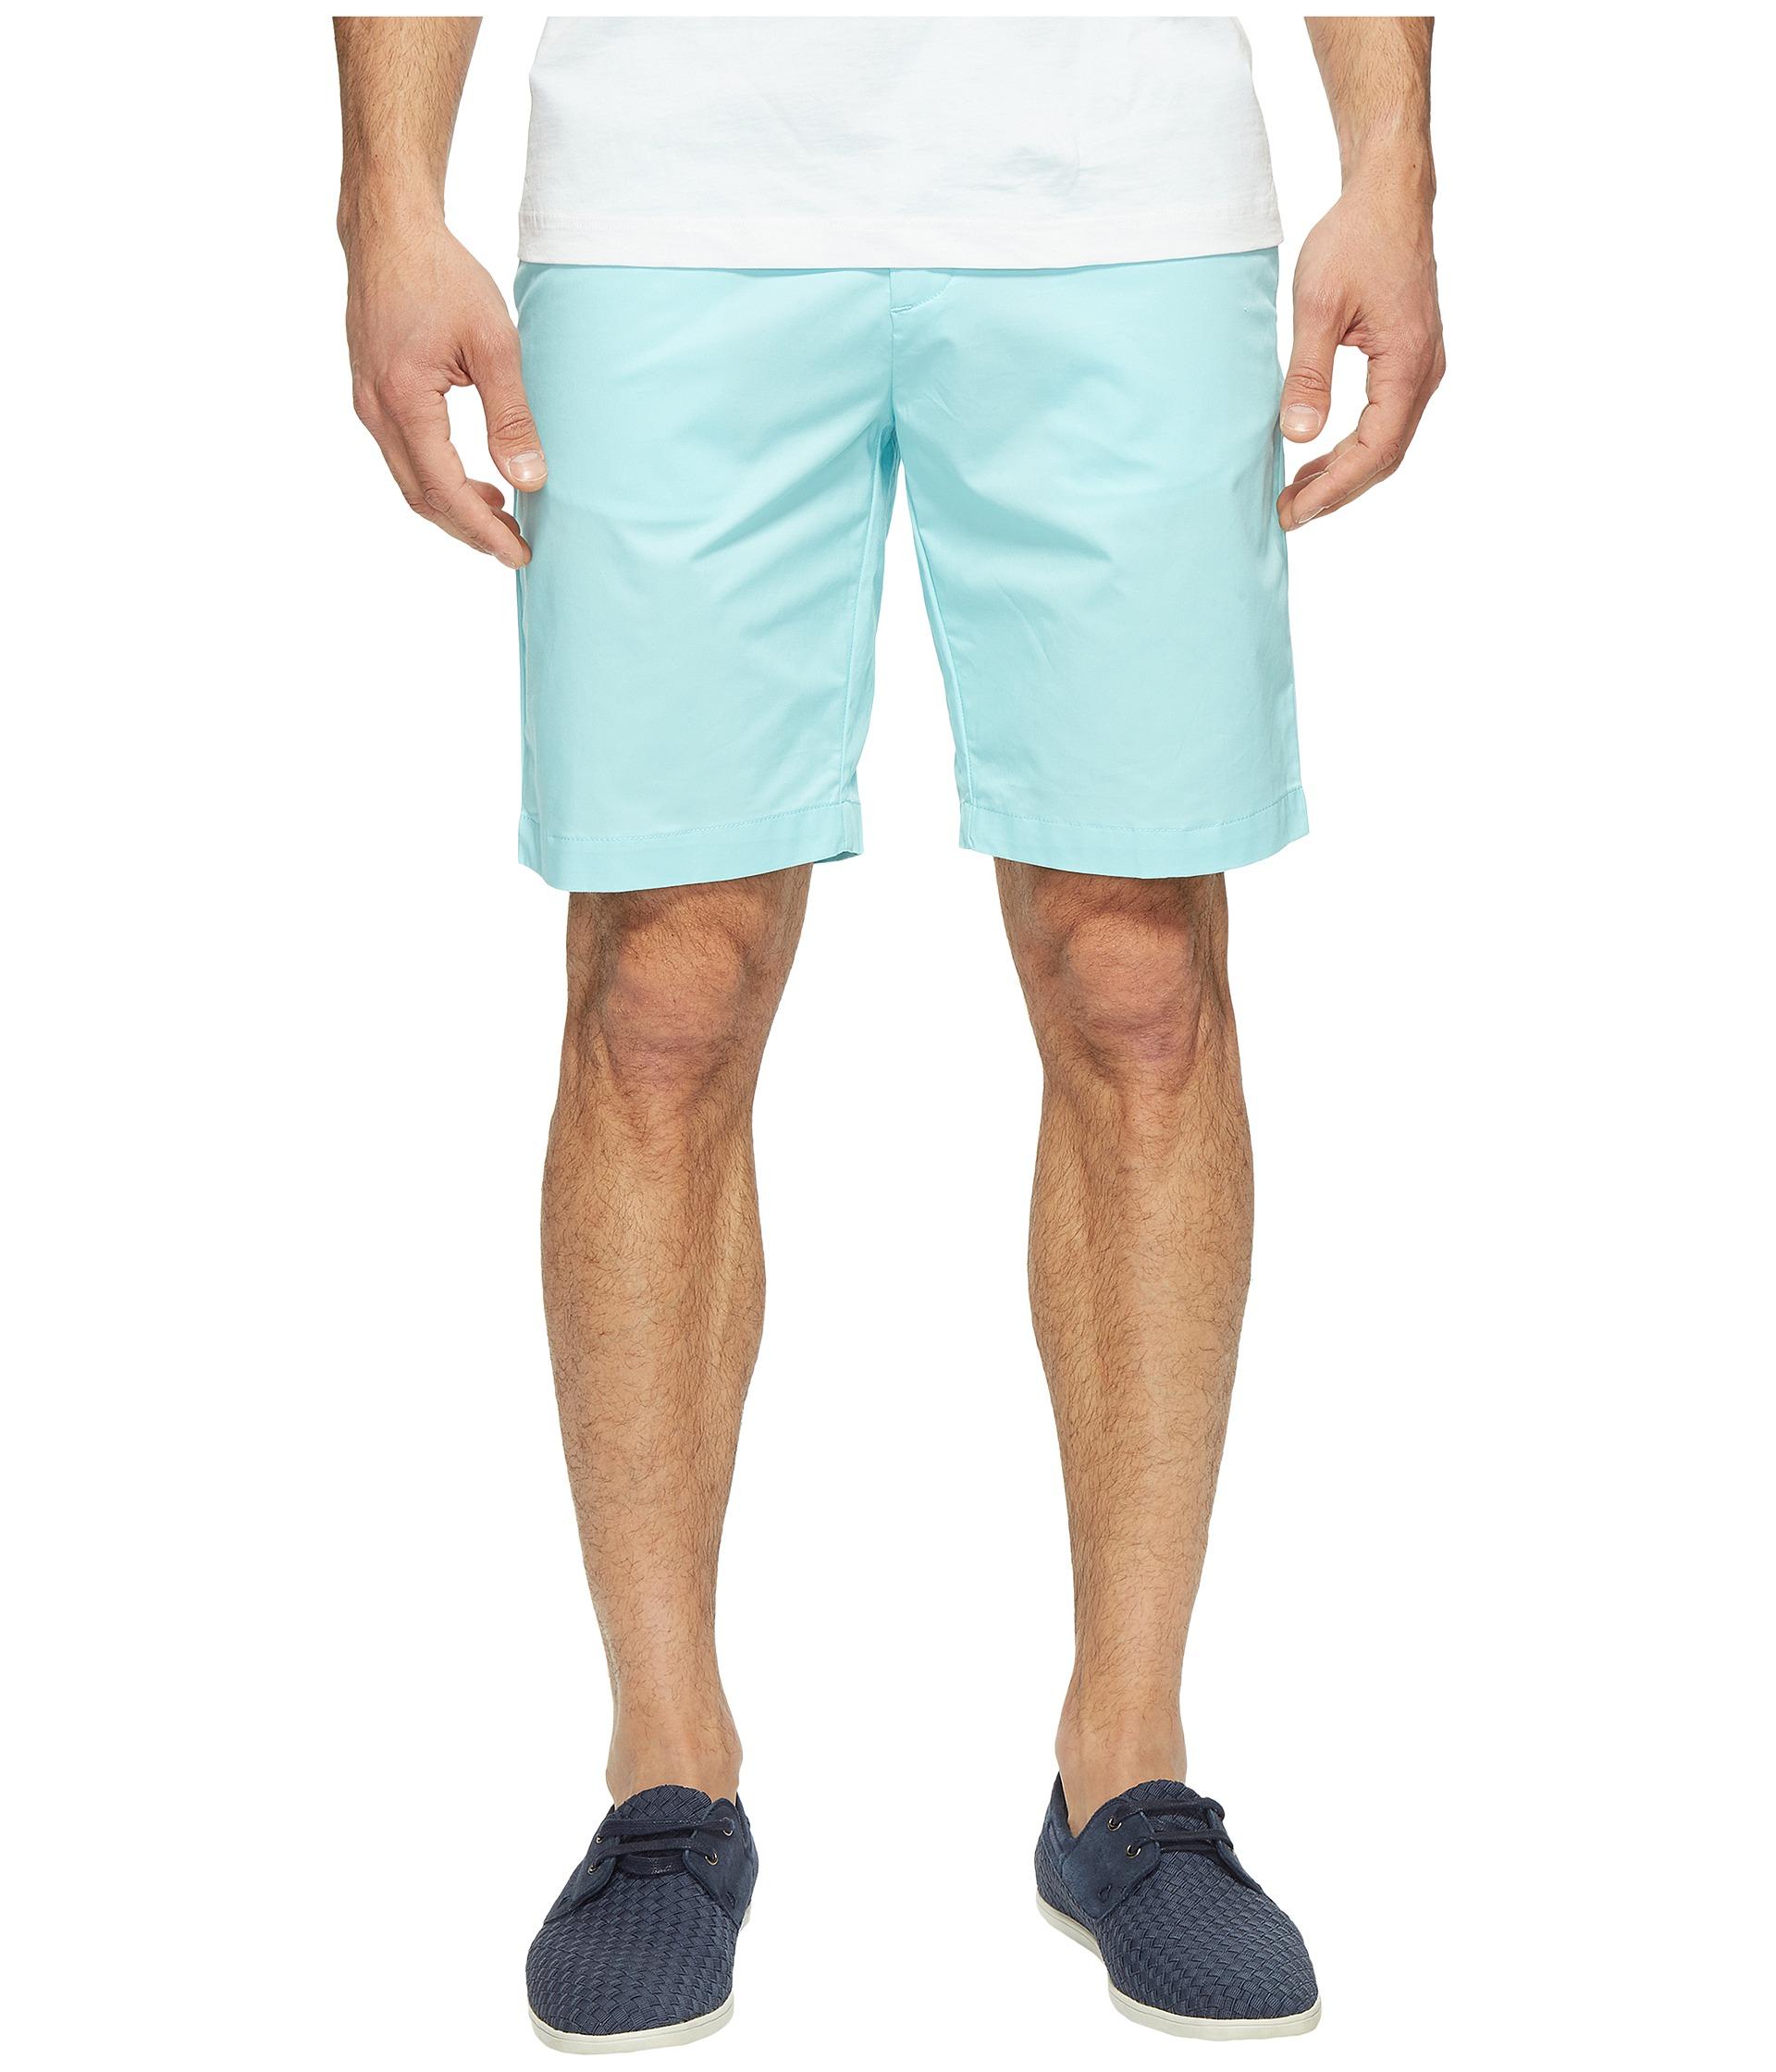 calvin klein twill walking shorts aqua air zappos